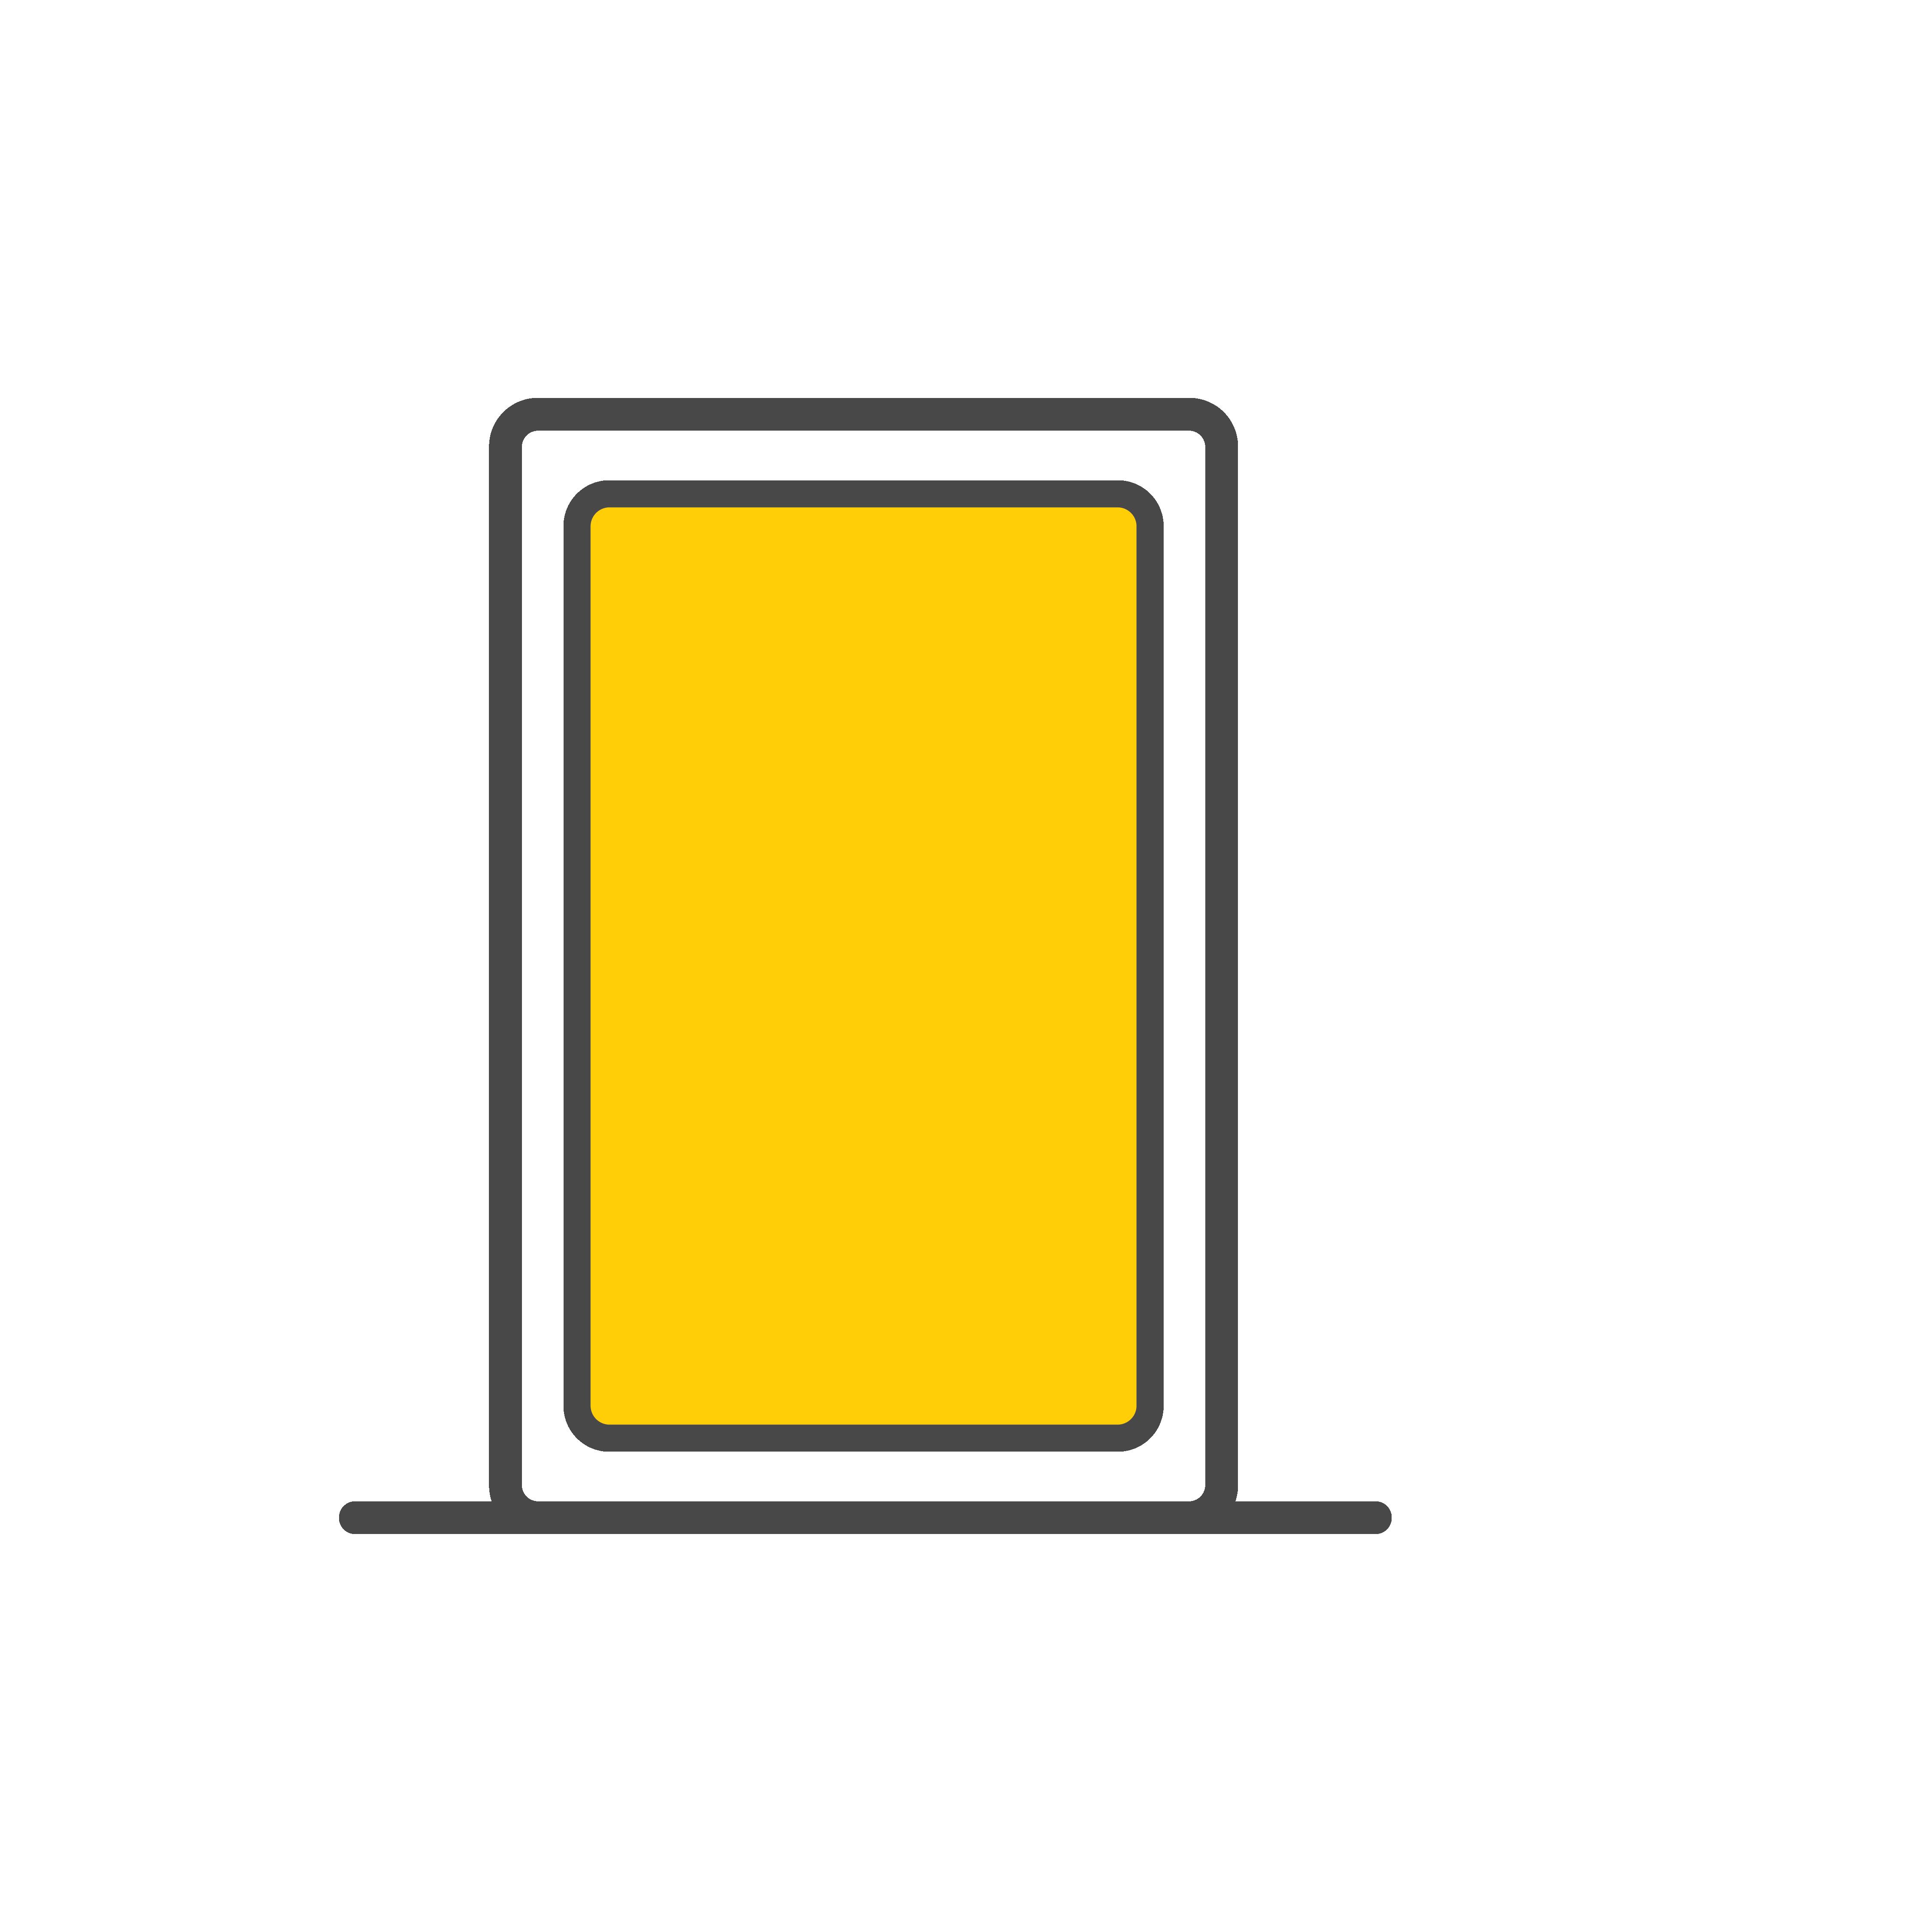 Icons Digital Signage